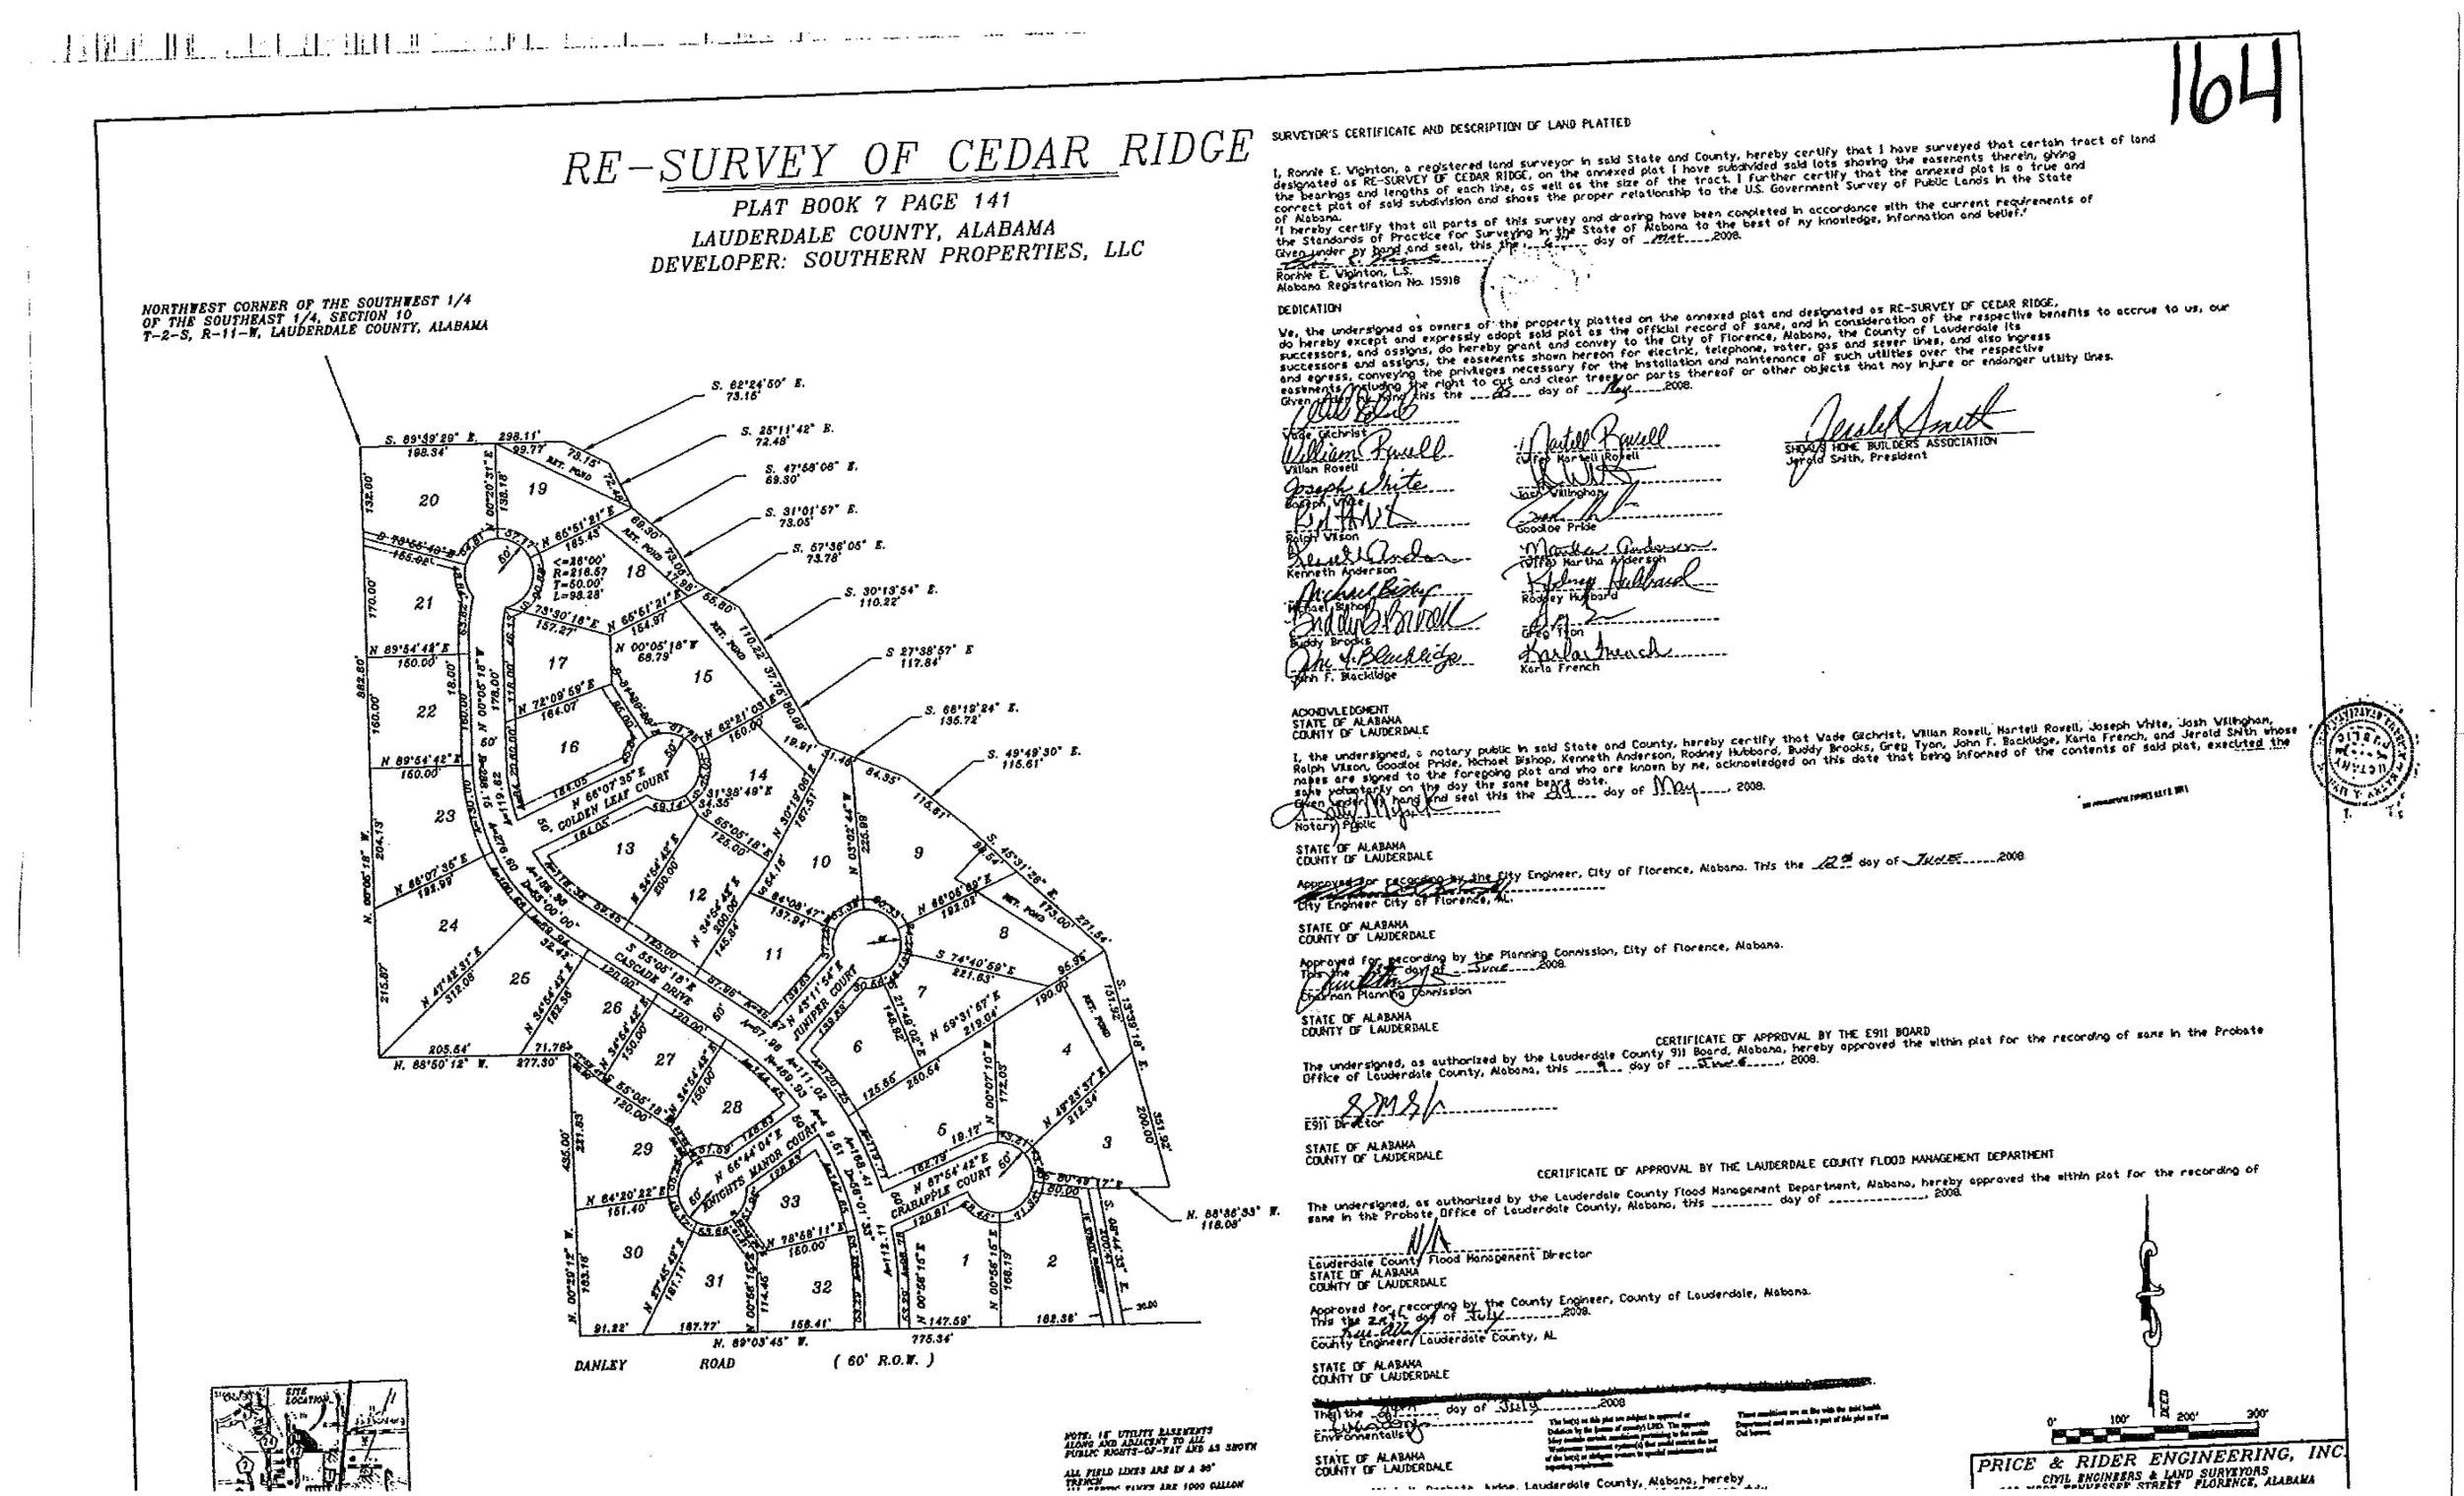 cedar ridge-resurvey of-plats-1.jpg